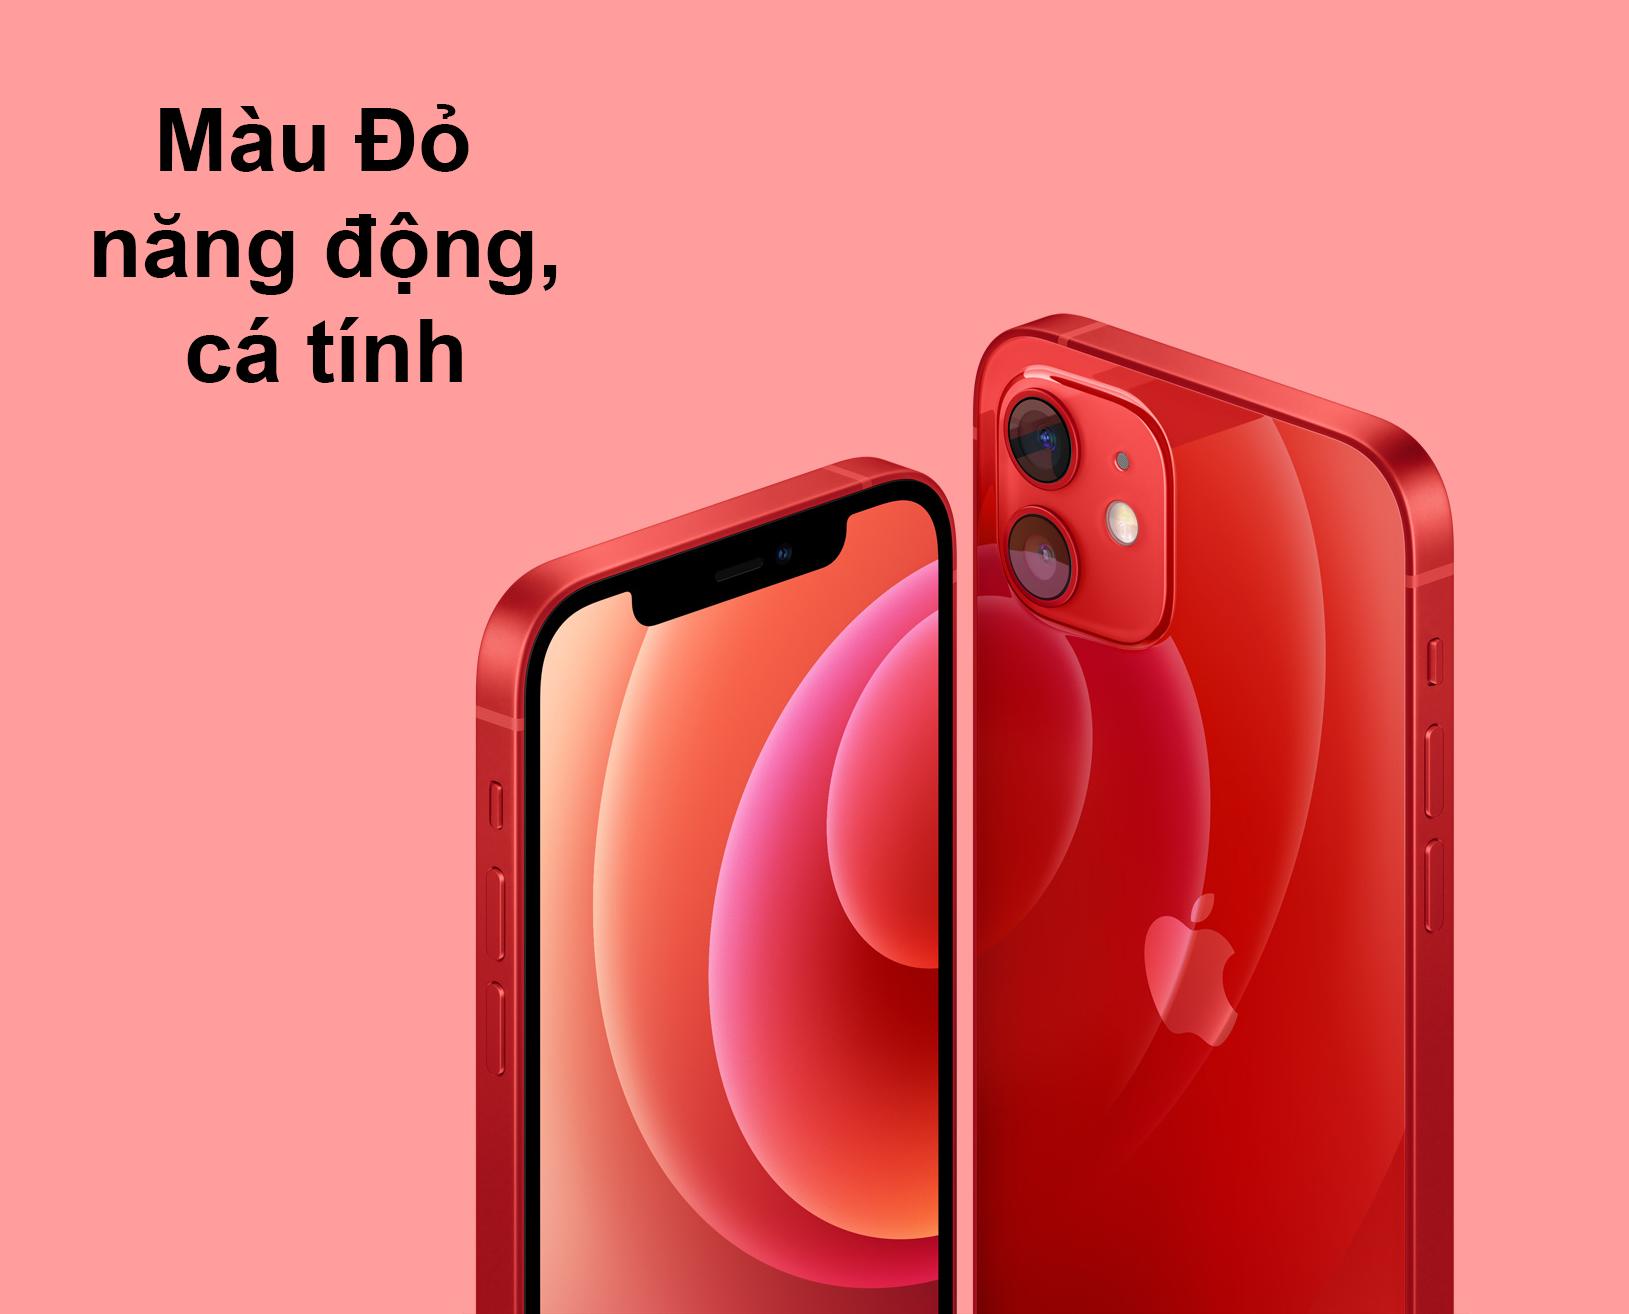 iPhone 12 Mini 128 GB | Màu đỏ năng động cá tính